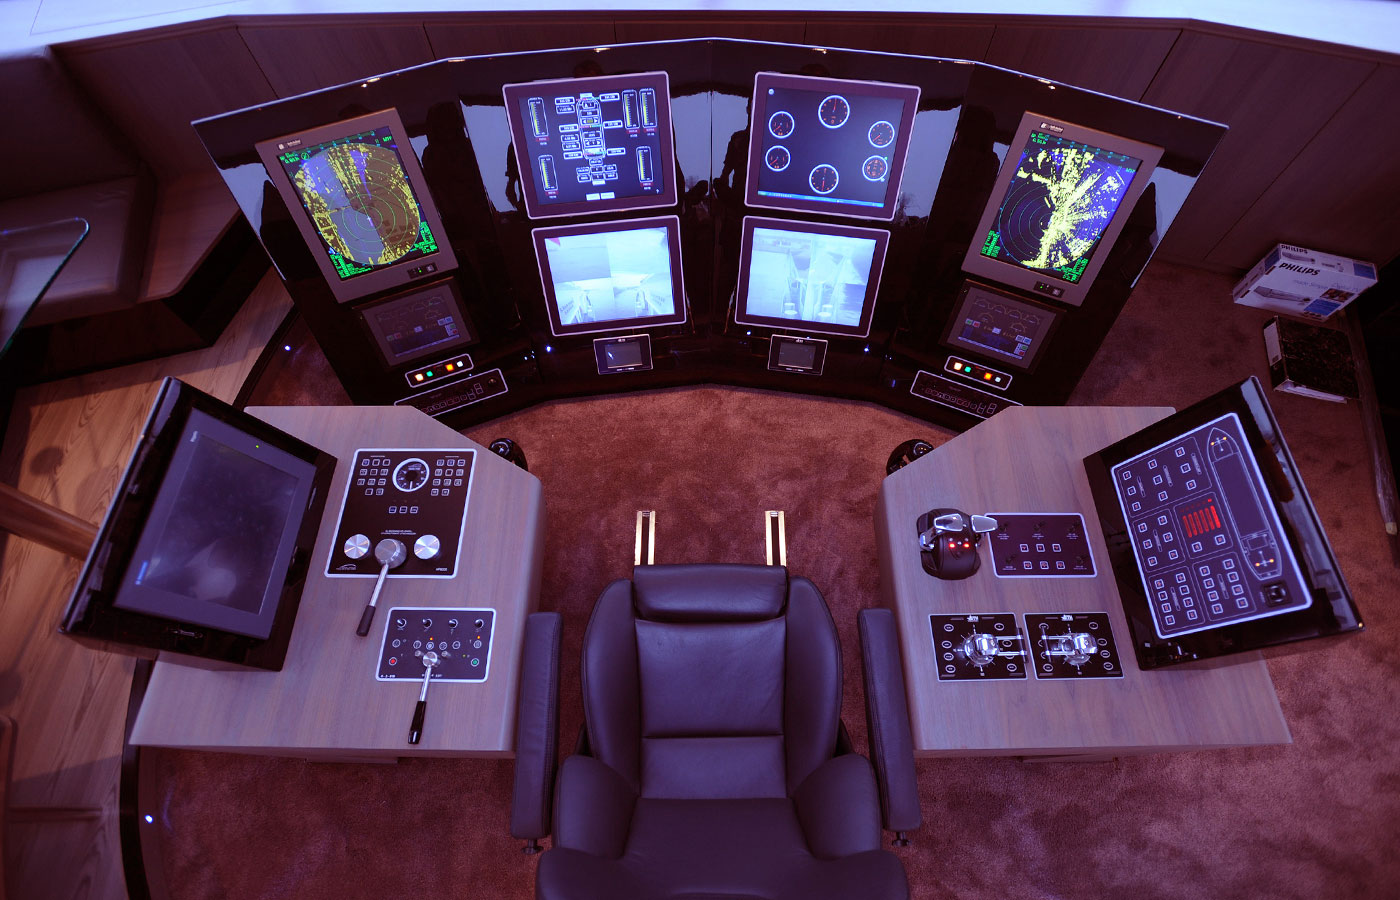 Elft-scheepinterieur-projecten-interieur-1-inrichting